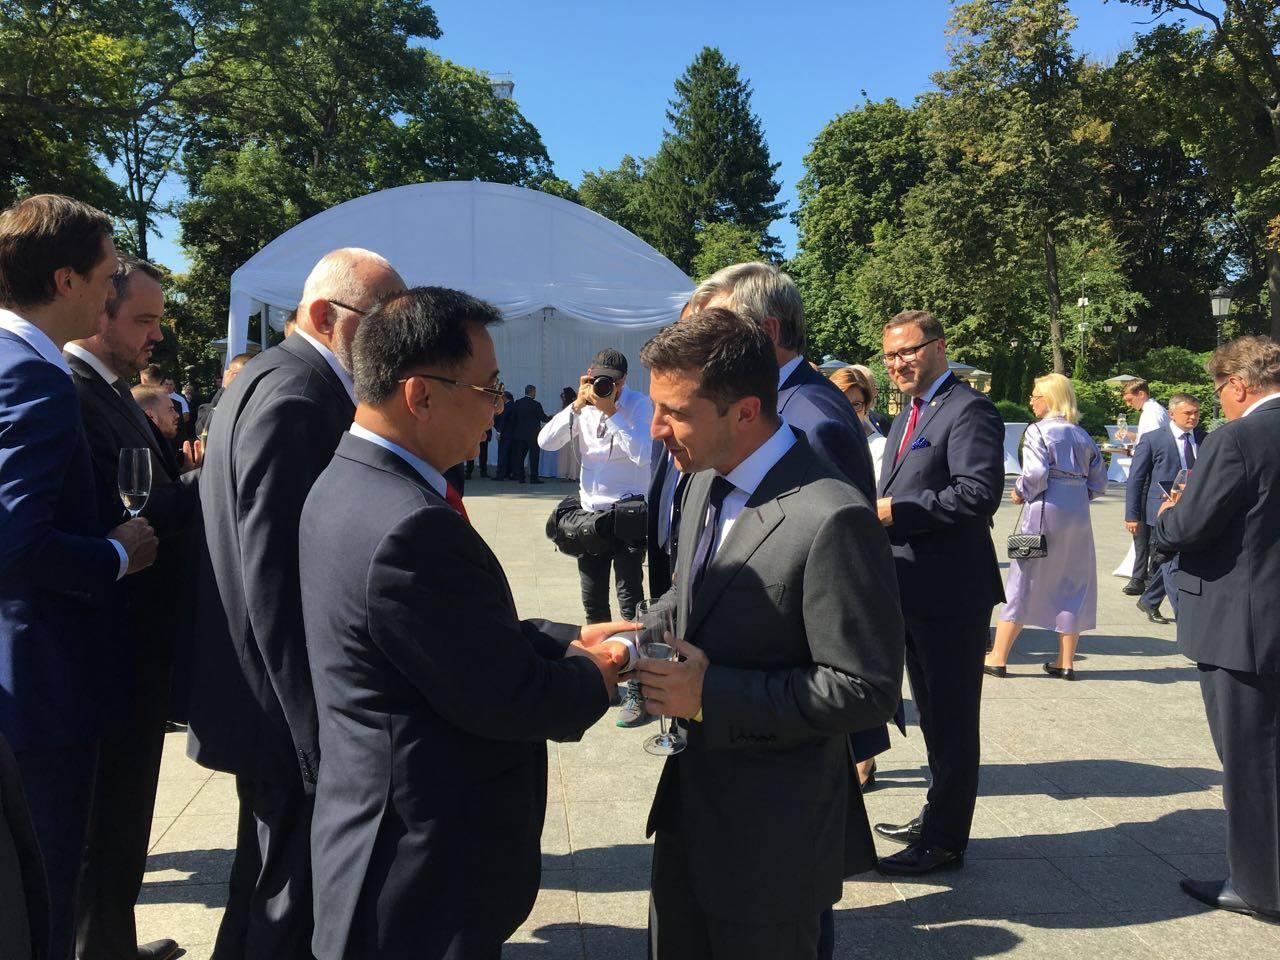 Đại sứ Nguyễn Anh Tuấn chào Tổng thống Zelensky nhân dịp Quốc khánh Ucraina